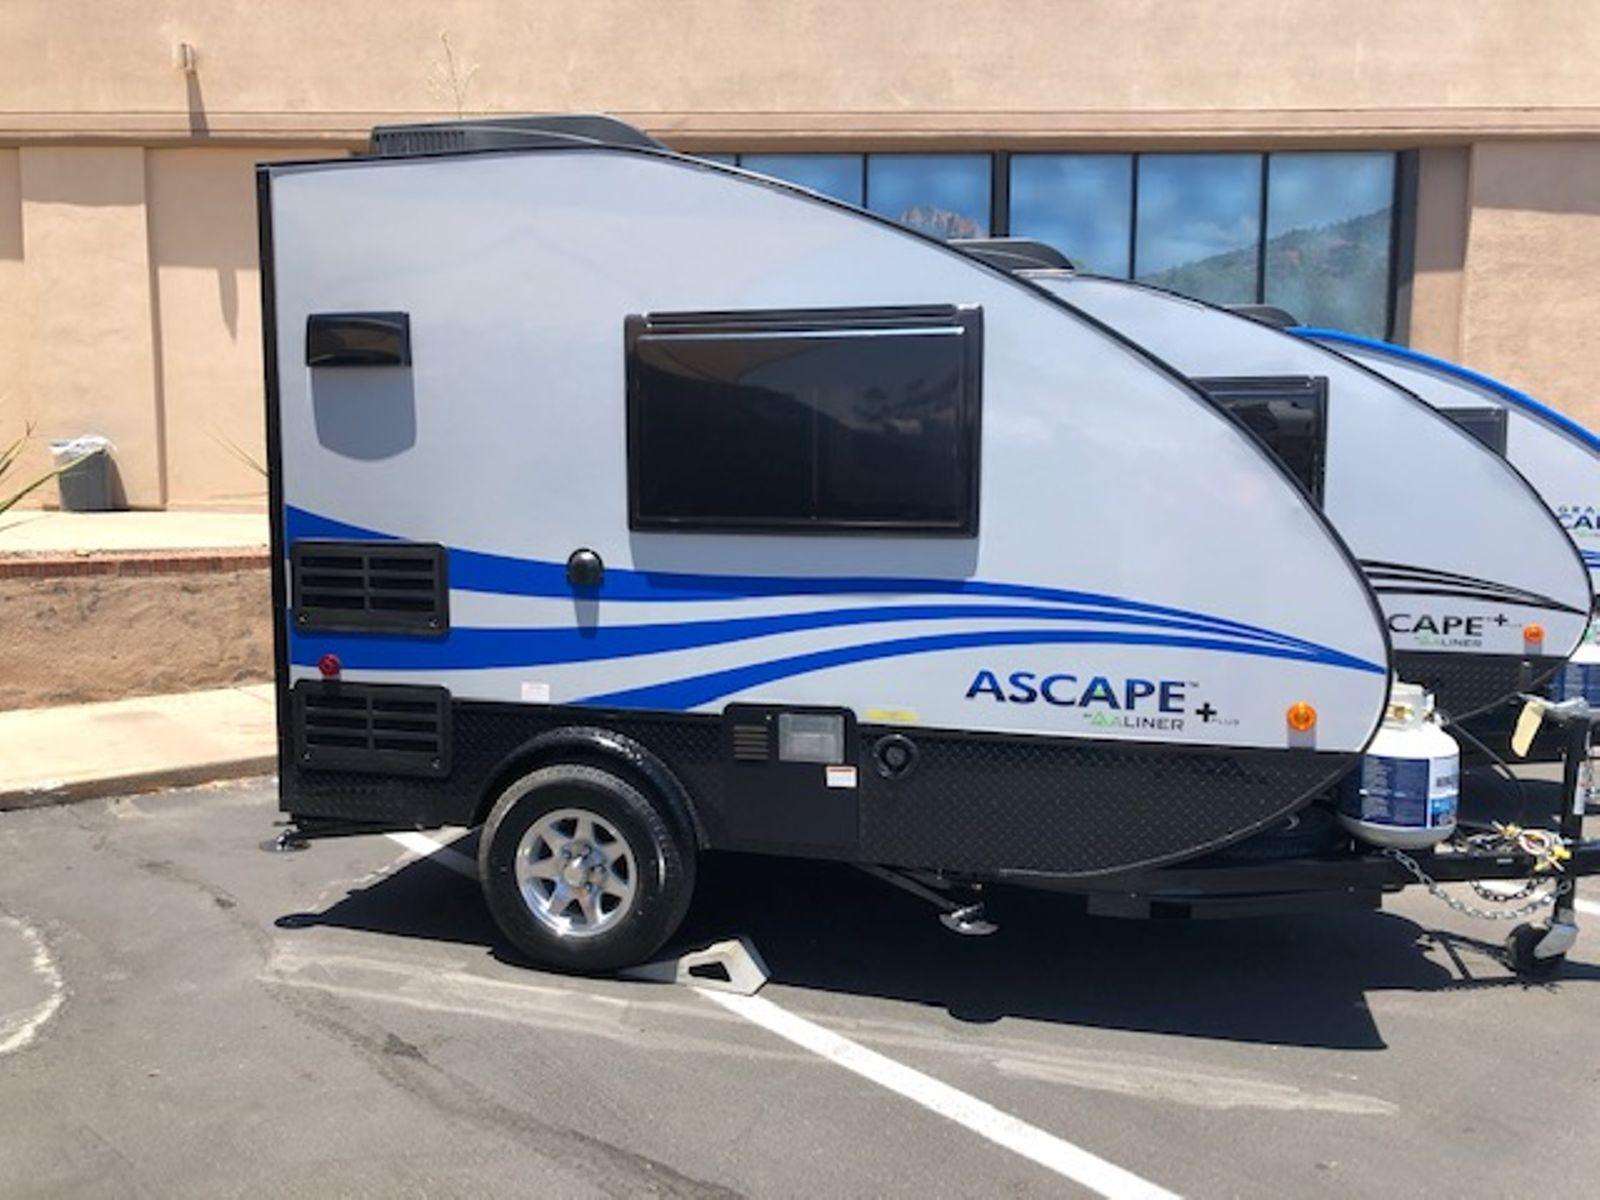 2020 Aliner Ascape Plus | Mesa AZ 85202